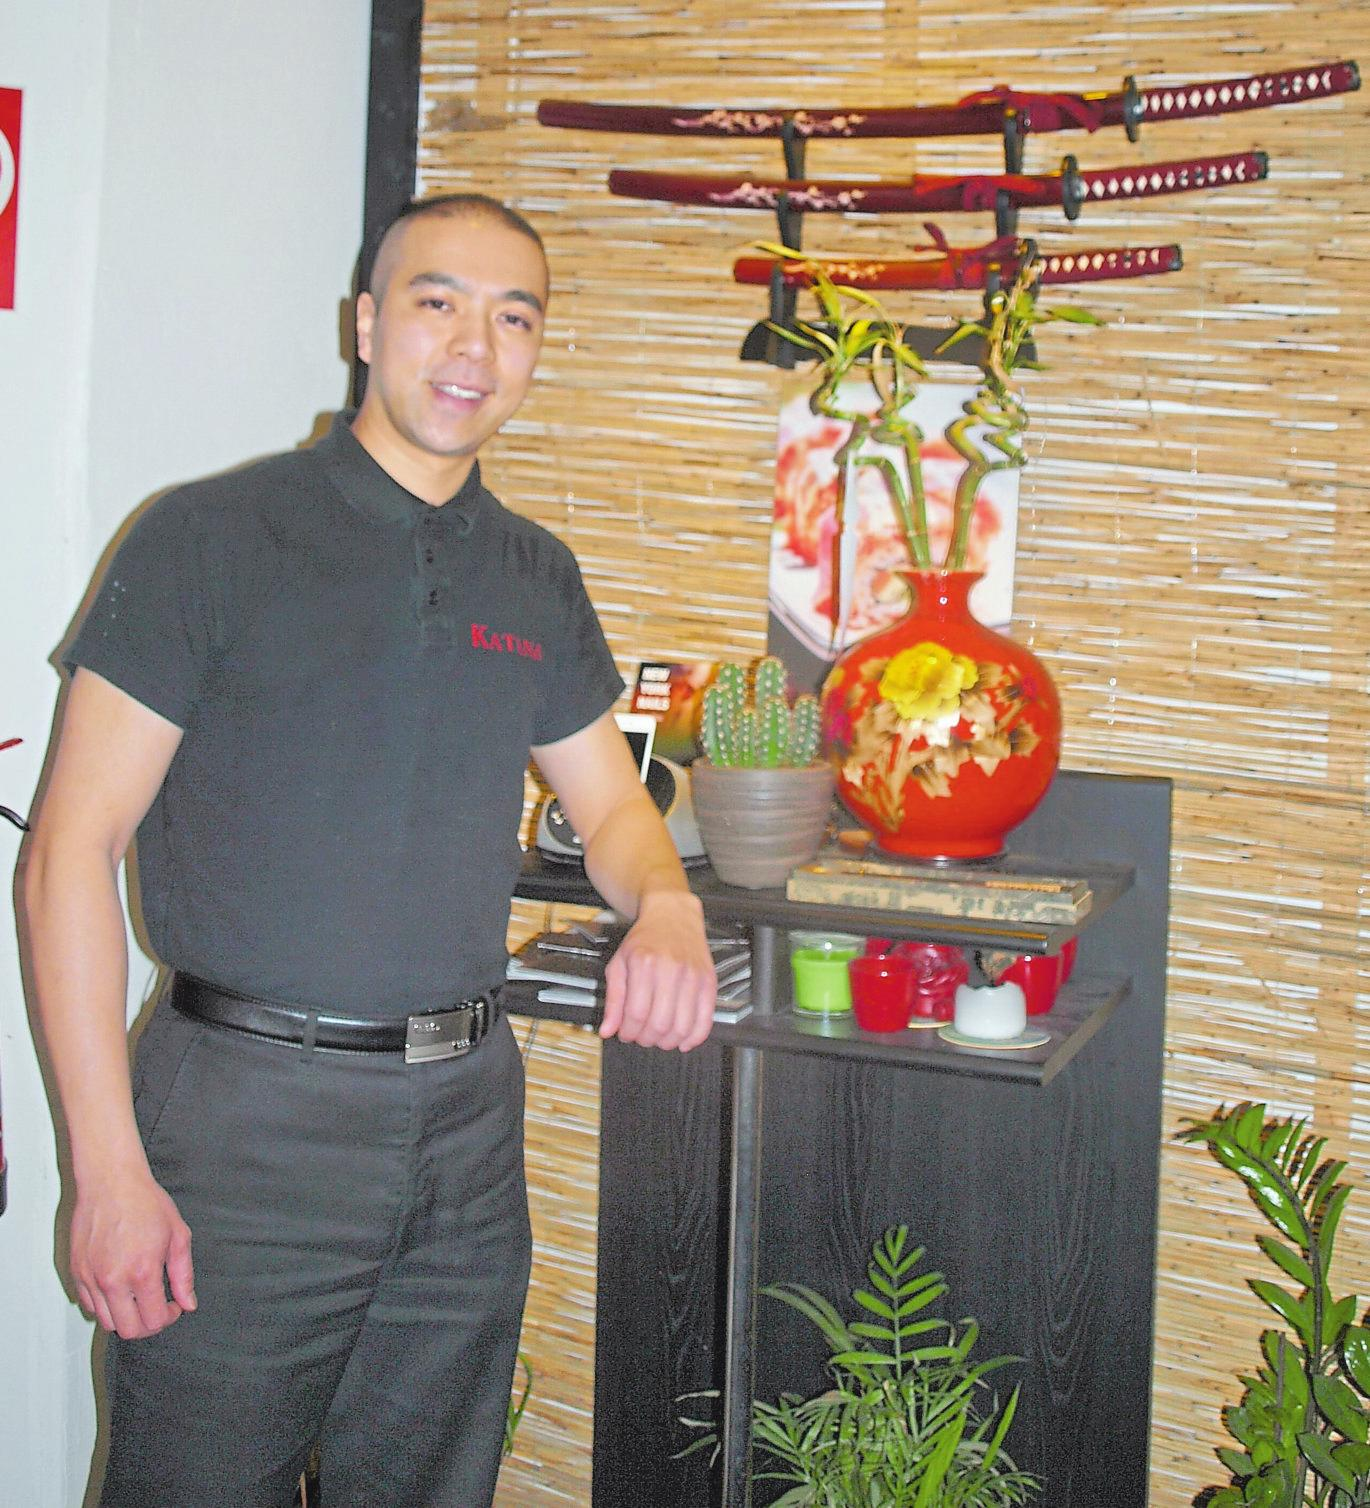 Le Bao Khanh ist mit seinem Restaurant Katana seit 4 ½ Jahren in Ahlen.